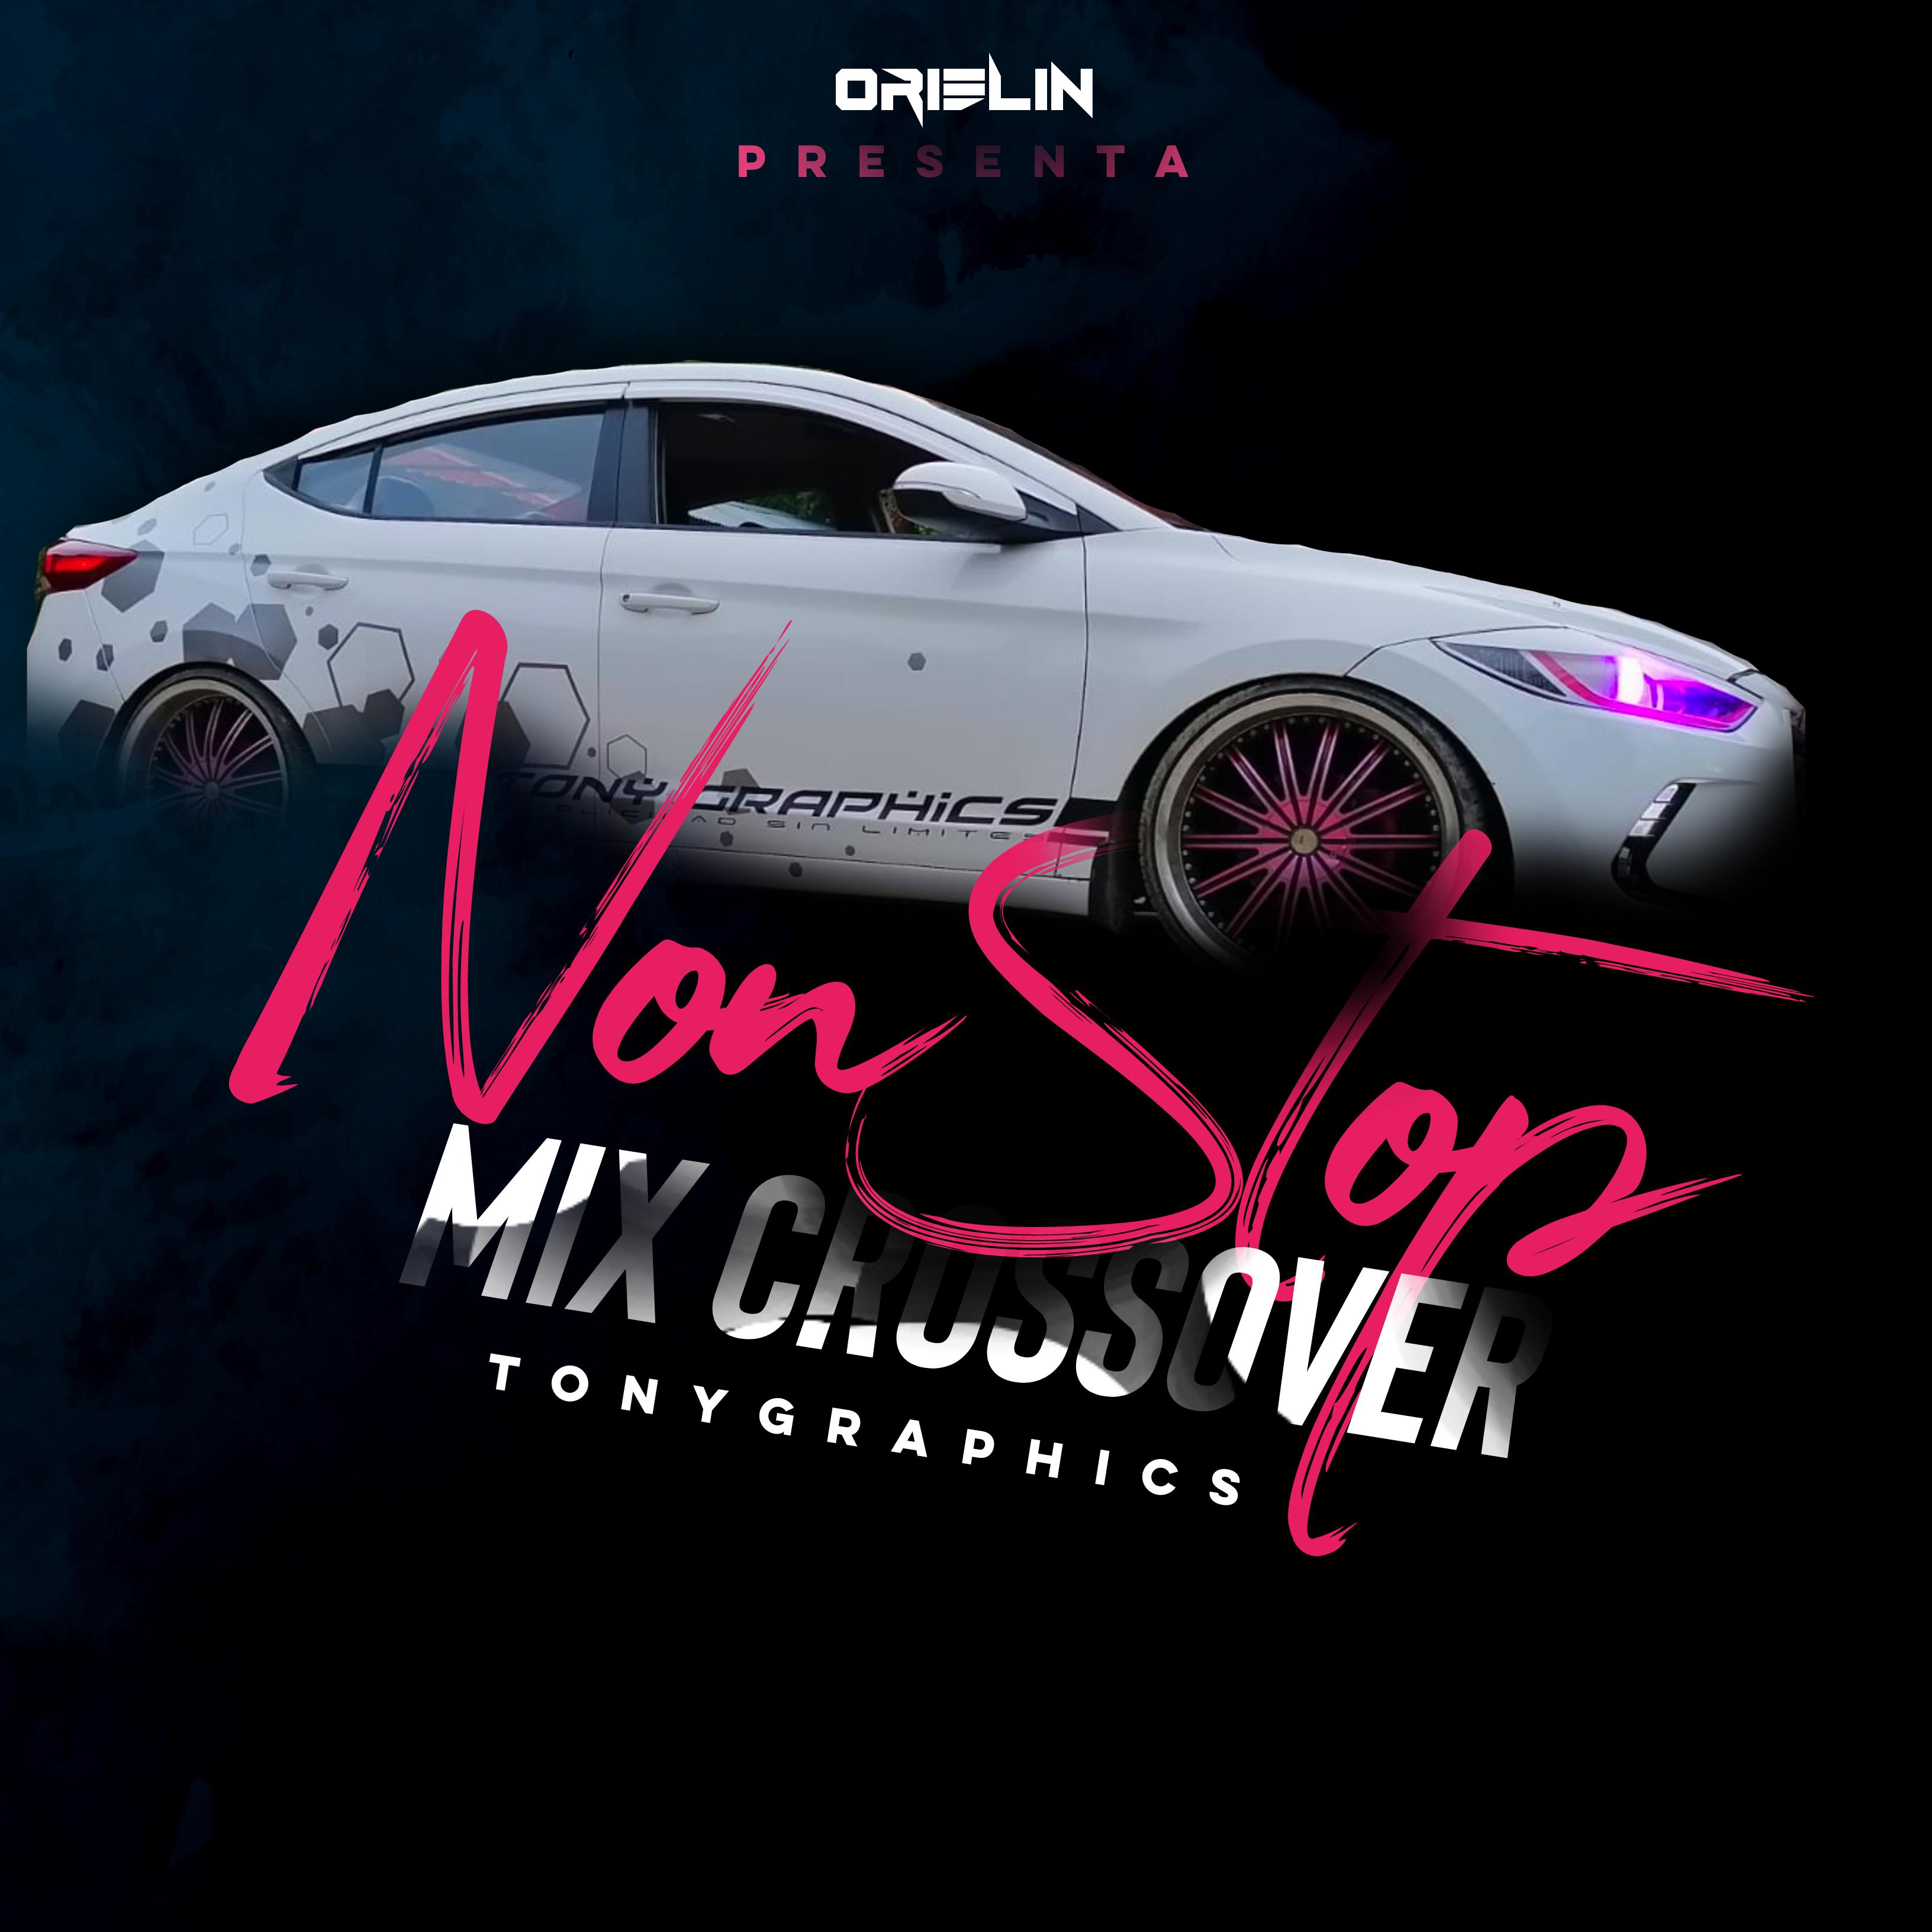 DJ ORIELIN - NON STOP MIX CROSSOVER VOL.2.MP3